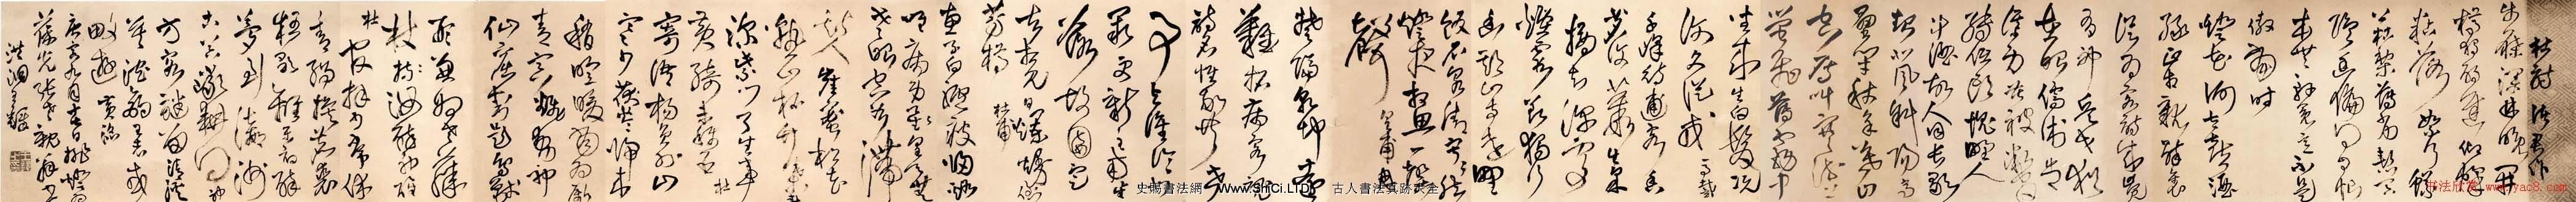 王鐸草書真跡欣賞《為葆光張老親翁書》詩卷(共14張圖片)